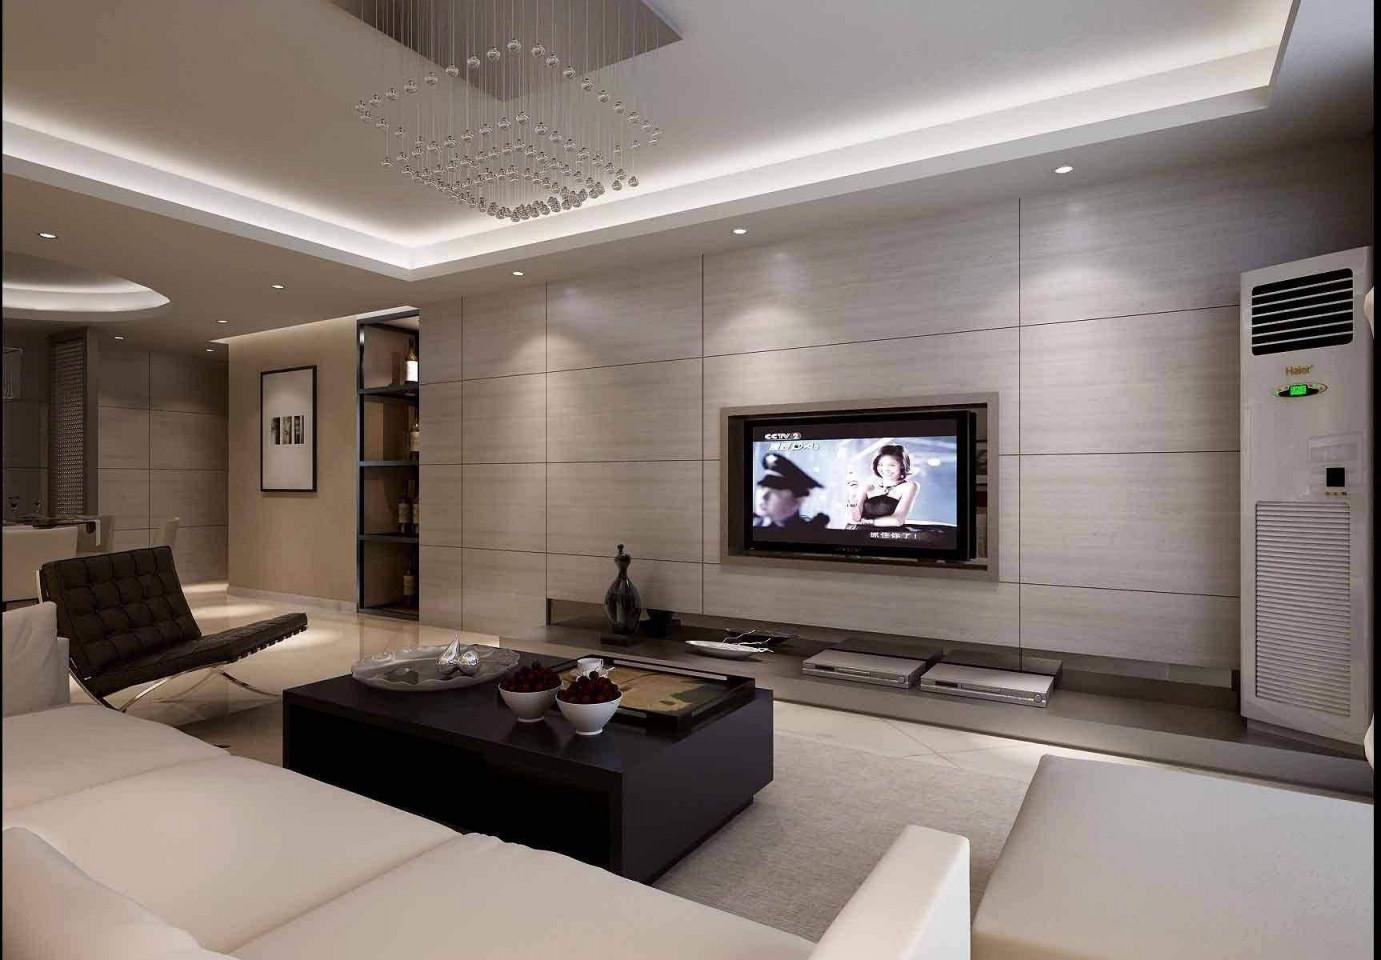 Moderne Möbel Wohnzimmer Das Beste Von Möbel Wohnzimmer von Moderne Möbel Für Wohnzimmer Bild